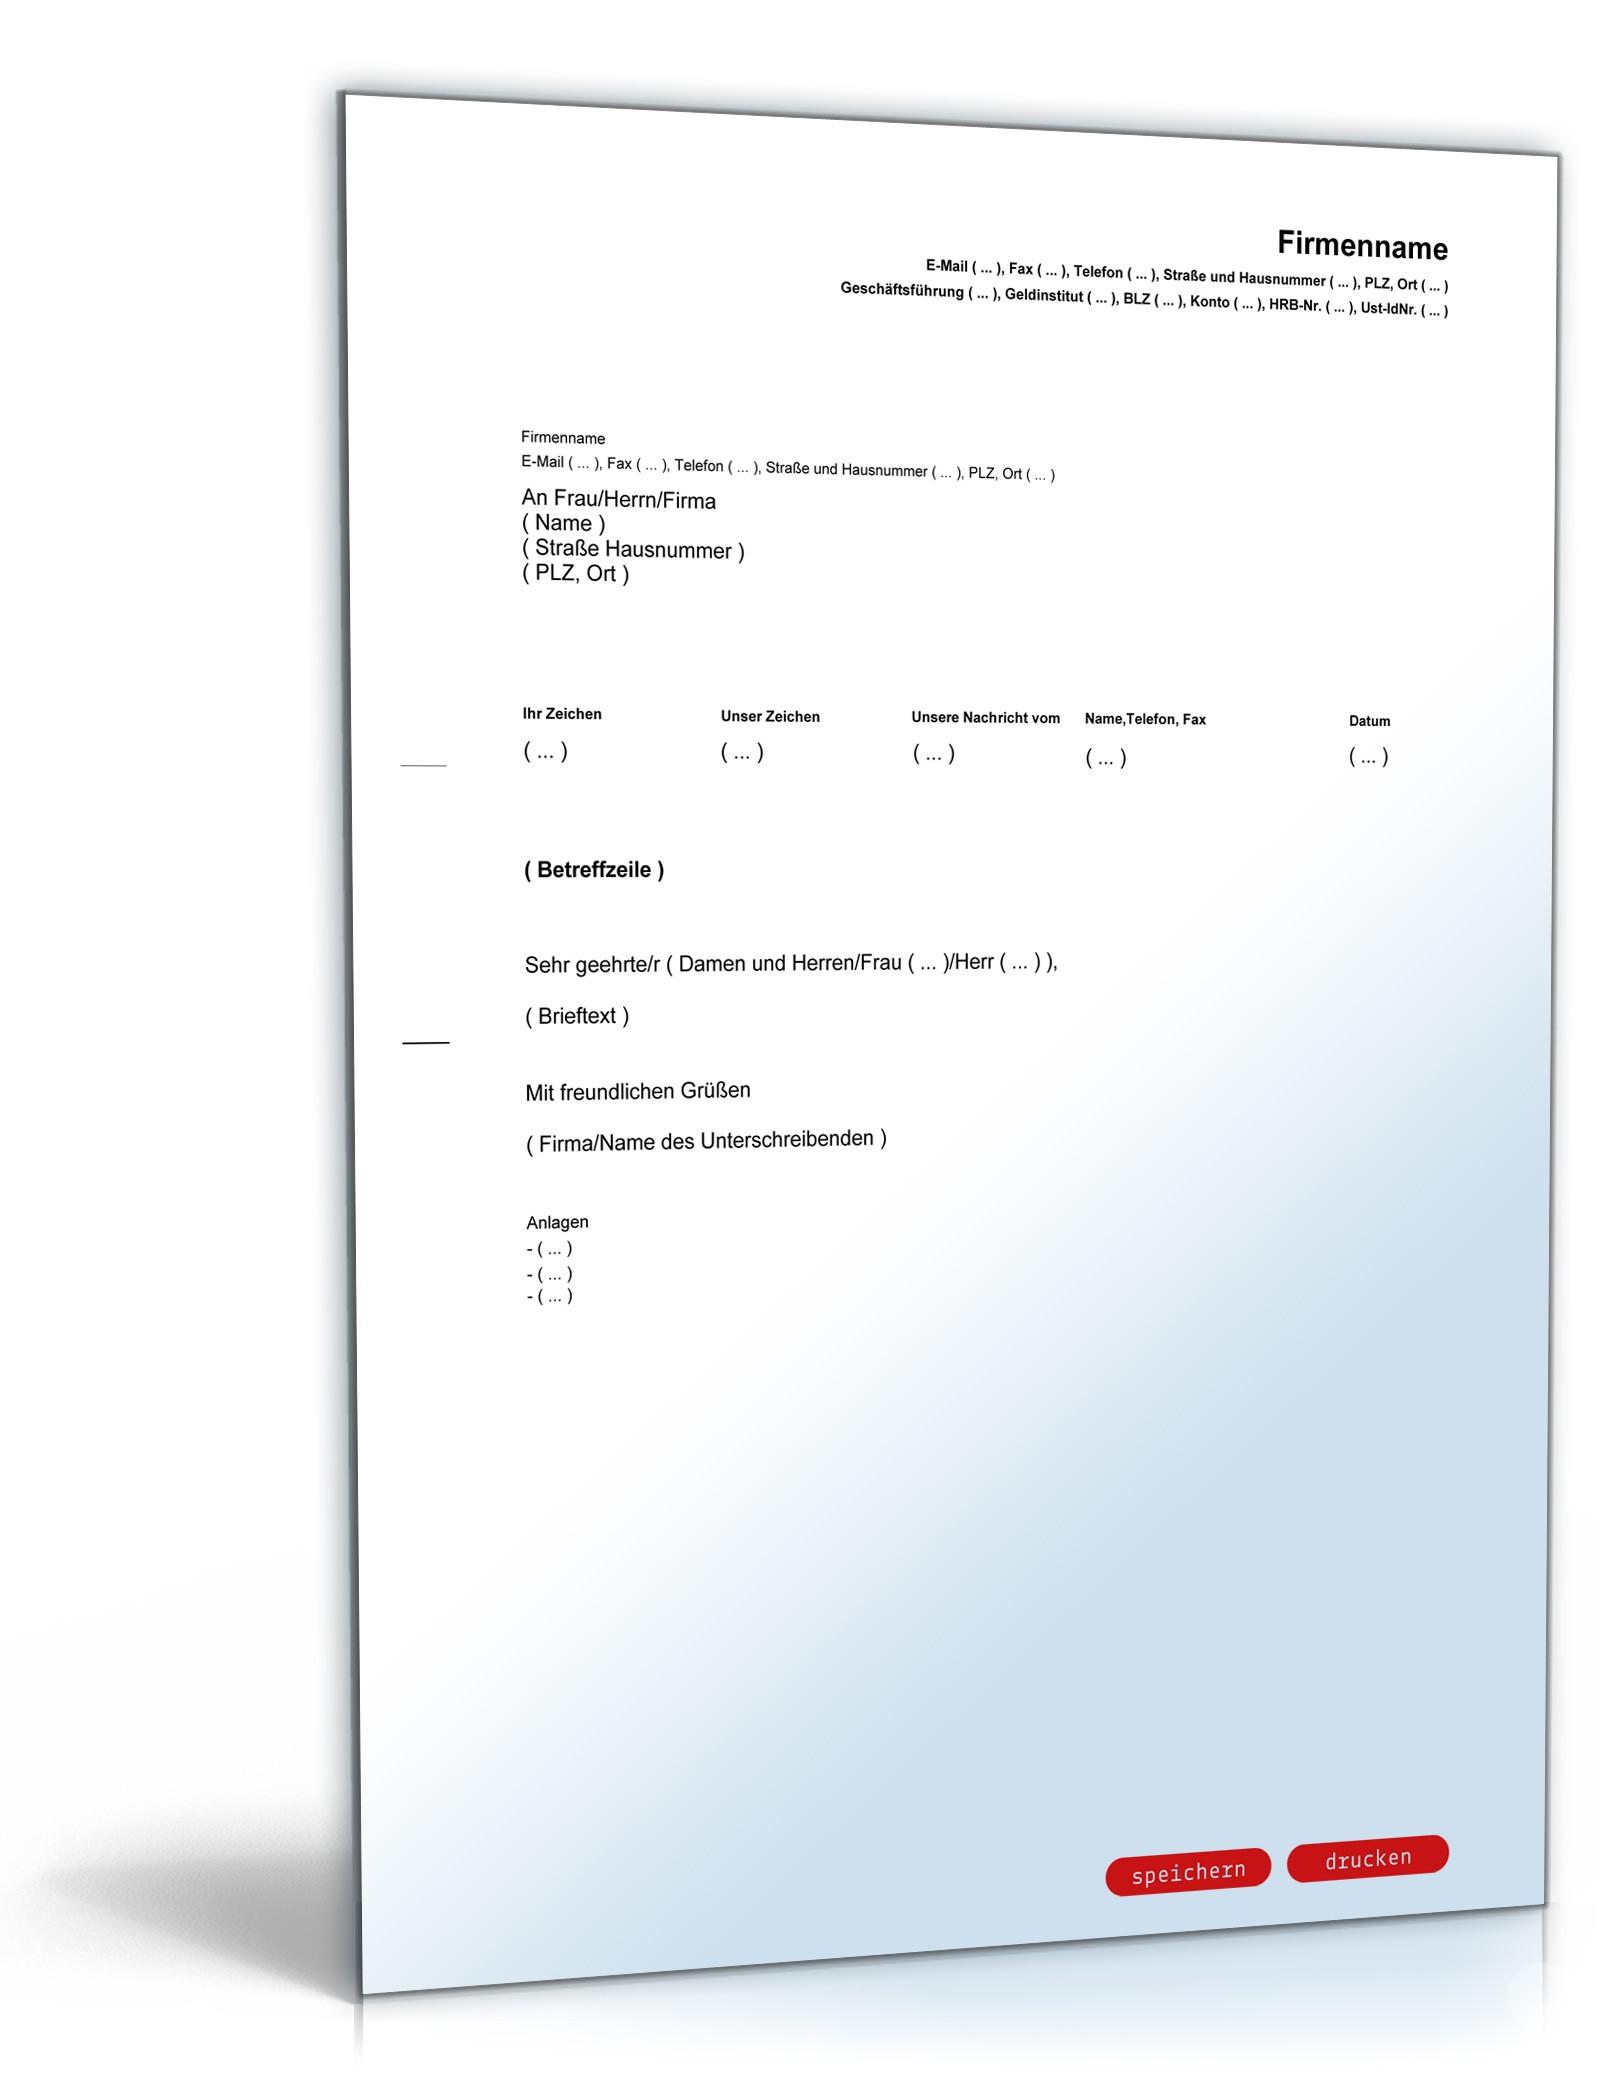 allgemeiner geschftsbrief muster zum download - Geschaftsbrief Muster